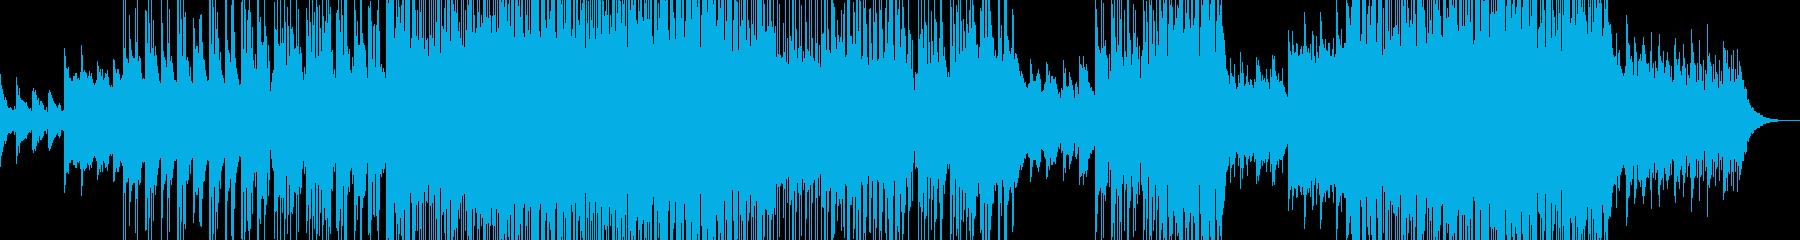 夜明けをイメージしたヒーリングポップの再生済みの波形